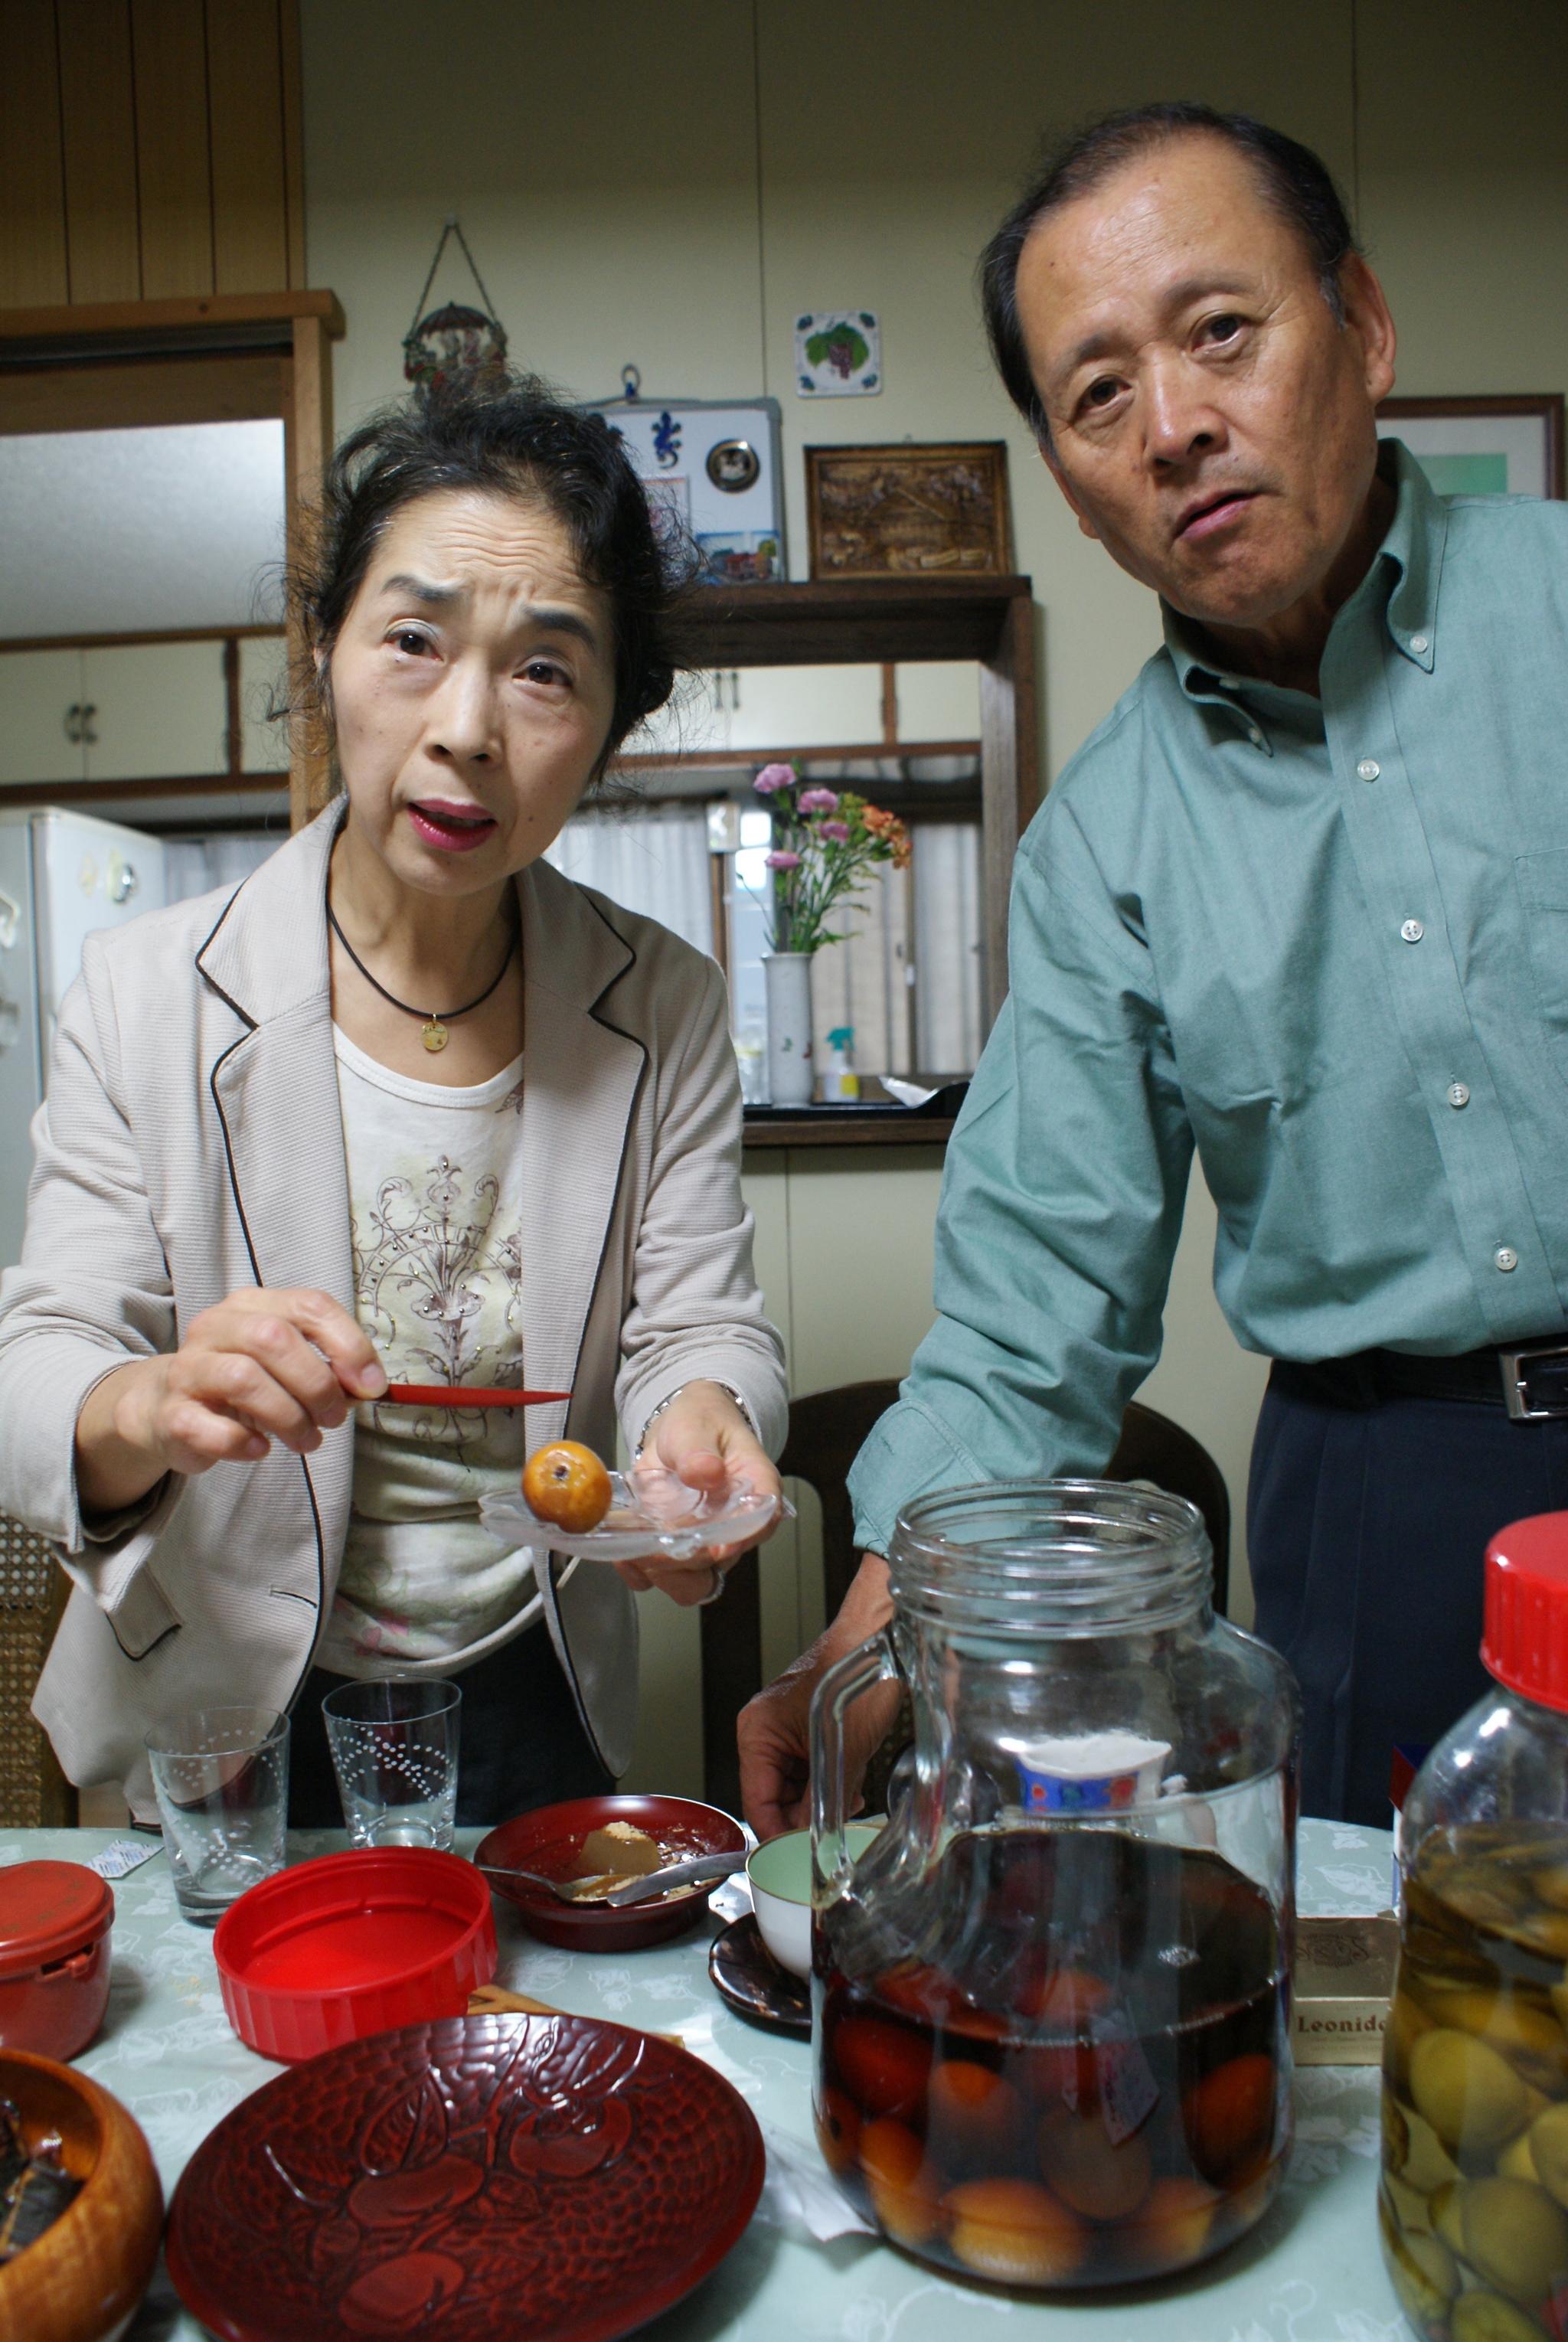 Przykładowe japońskie małżeństwo z Osaki: on - nure ochiba (definicja w tekście), a ona wszechmocna shufu (pani domu) (fot. archiwum prywatne)